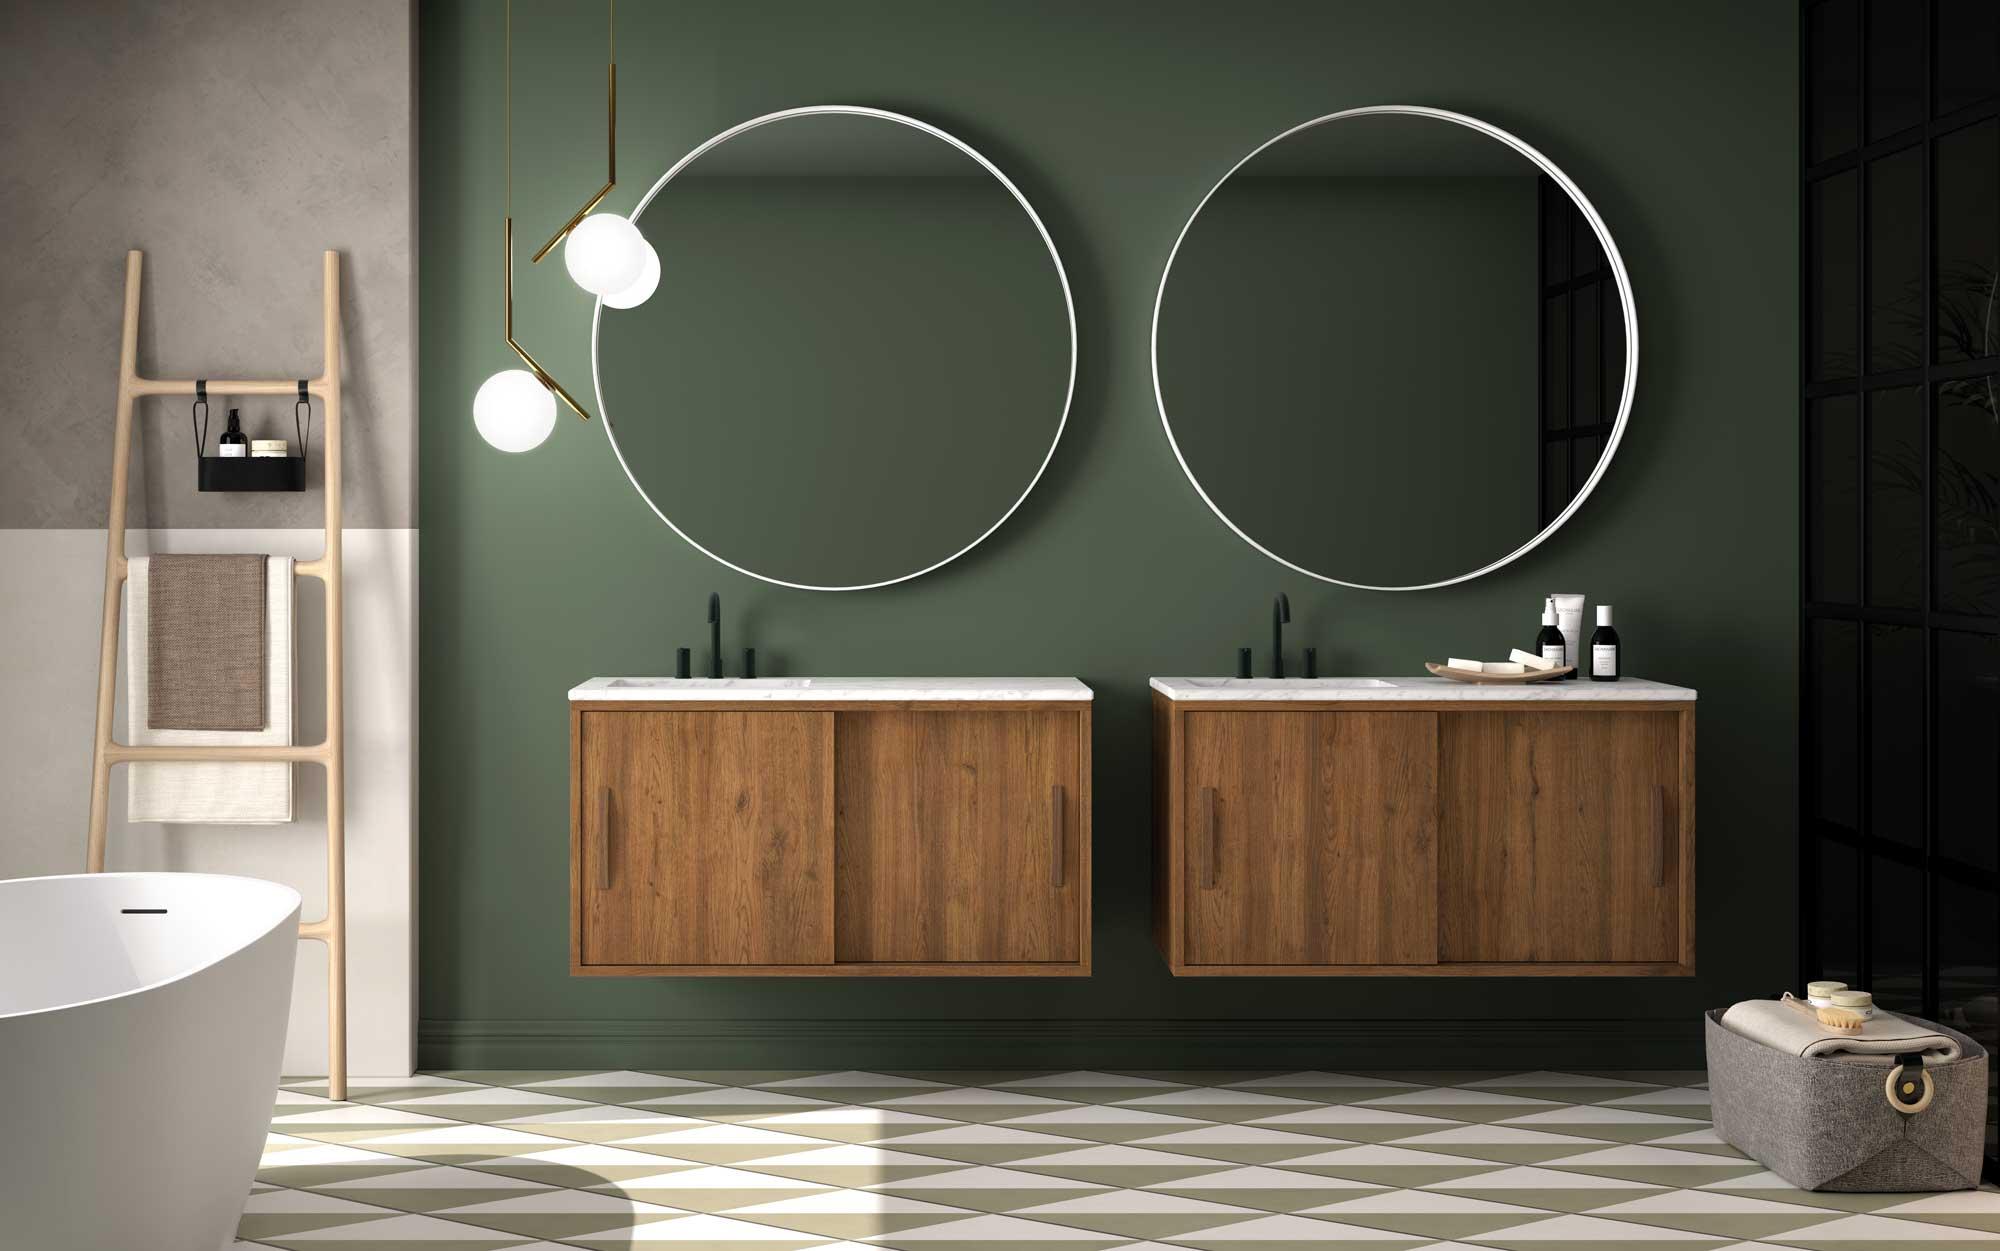 Decoración con espejos redondos en baños